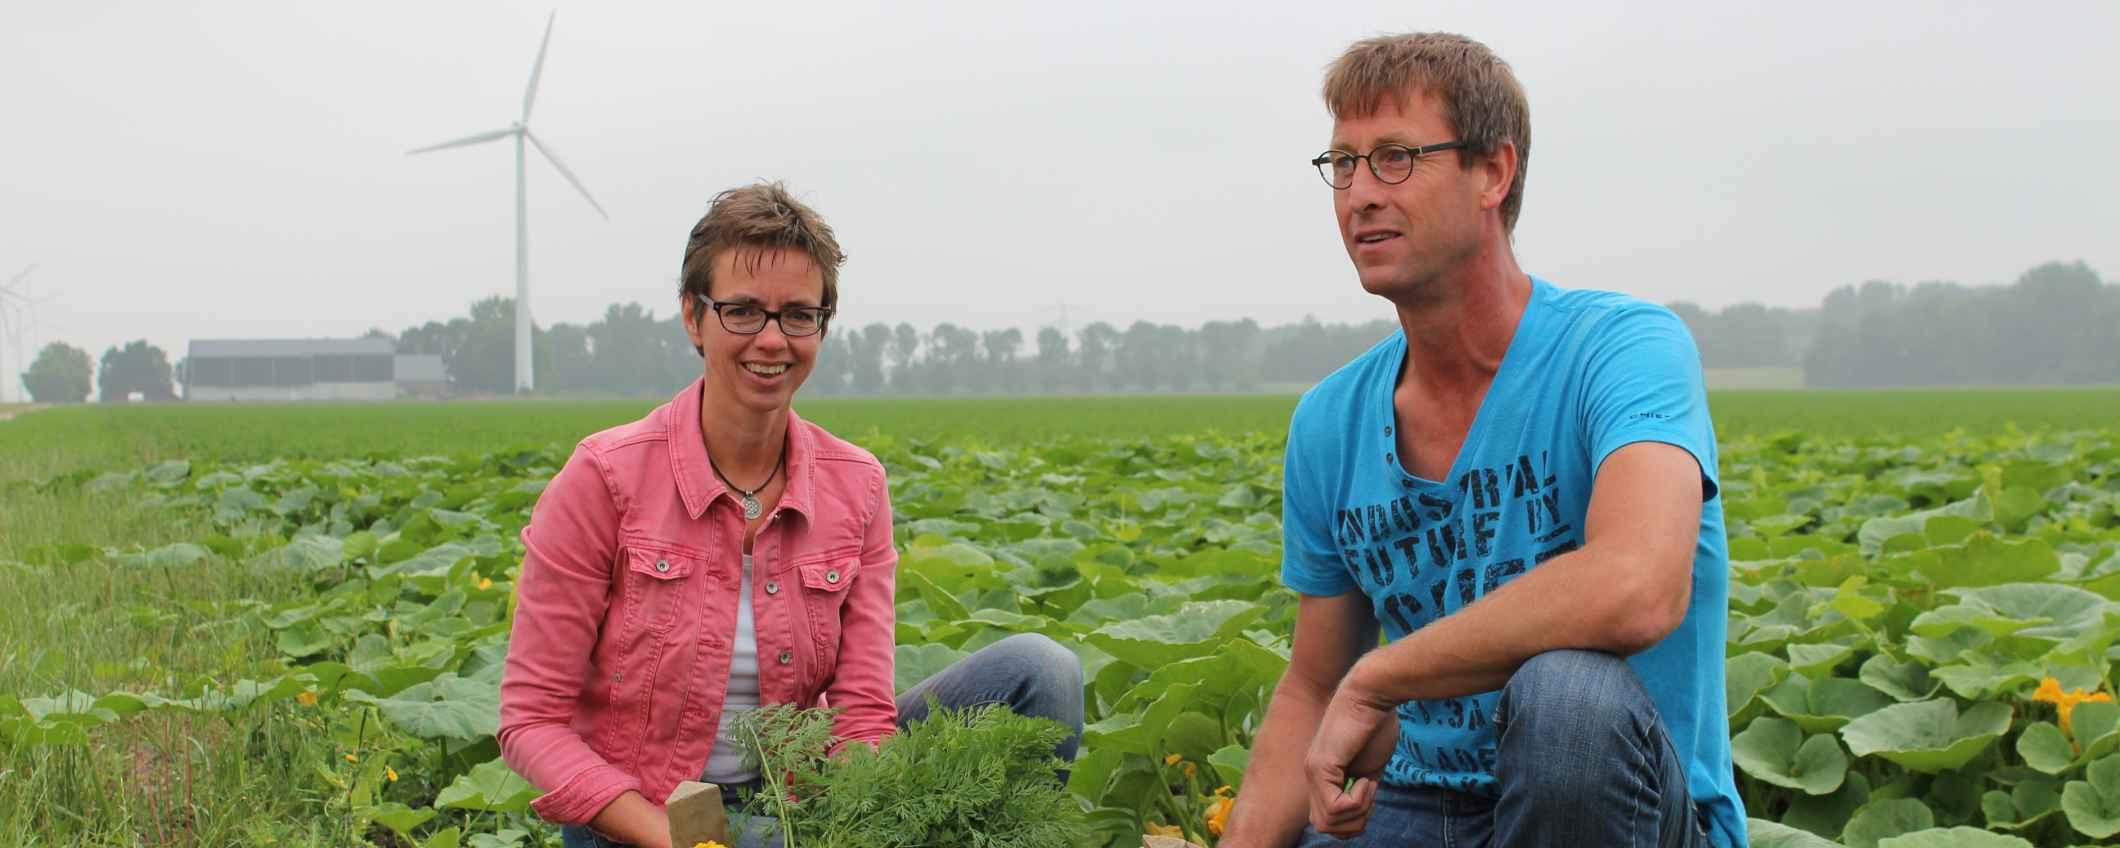 Twee mensen in veld met groenten